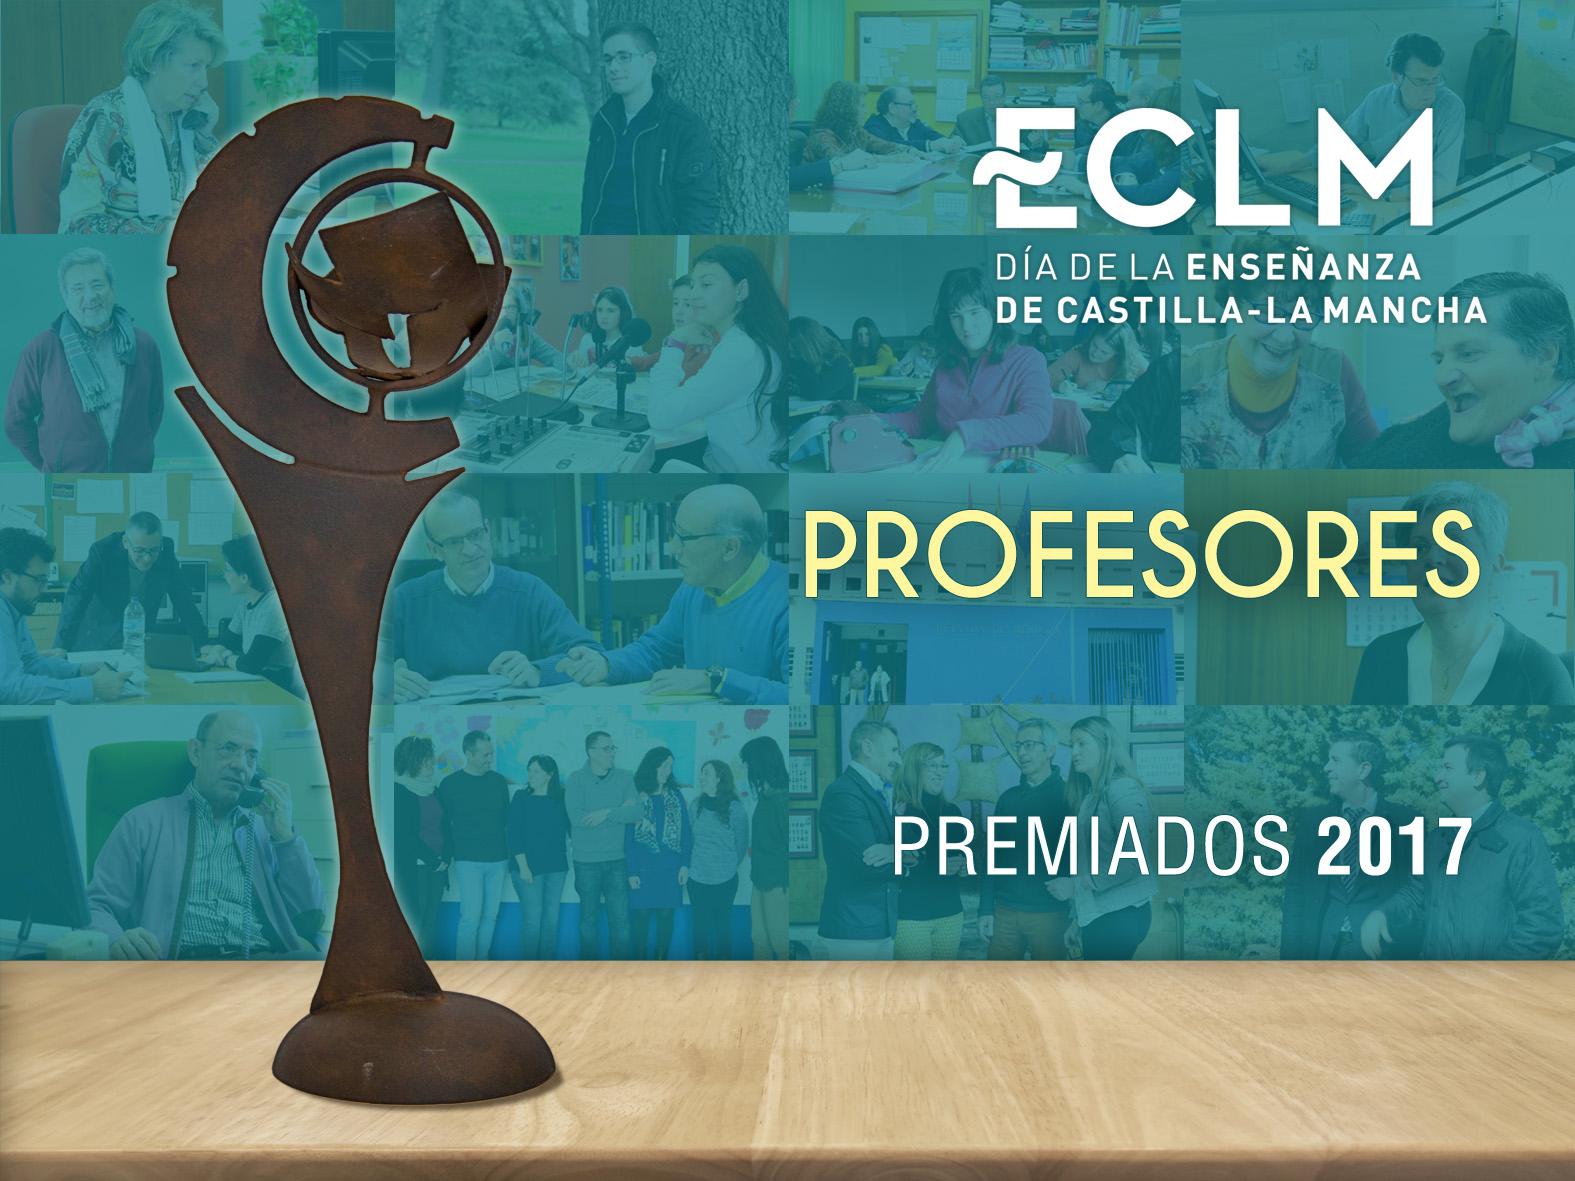 Premiados del Día de la Enseñanza 2017 en la categoría de Profesores